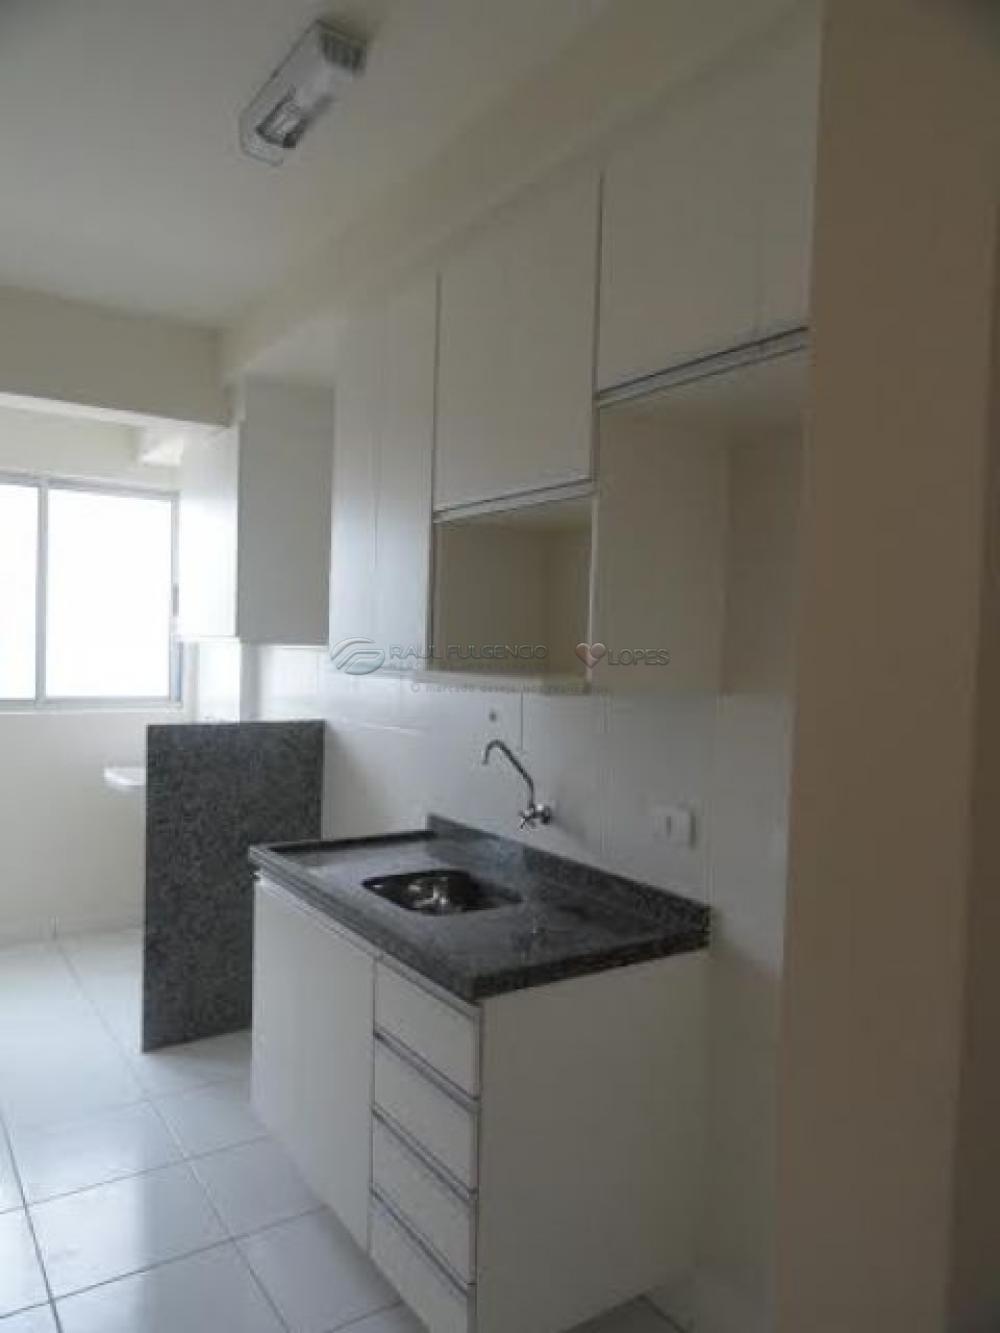 Comprar Apartamento / Padrão em Londrina R$ 305.000,00 - Foto 5